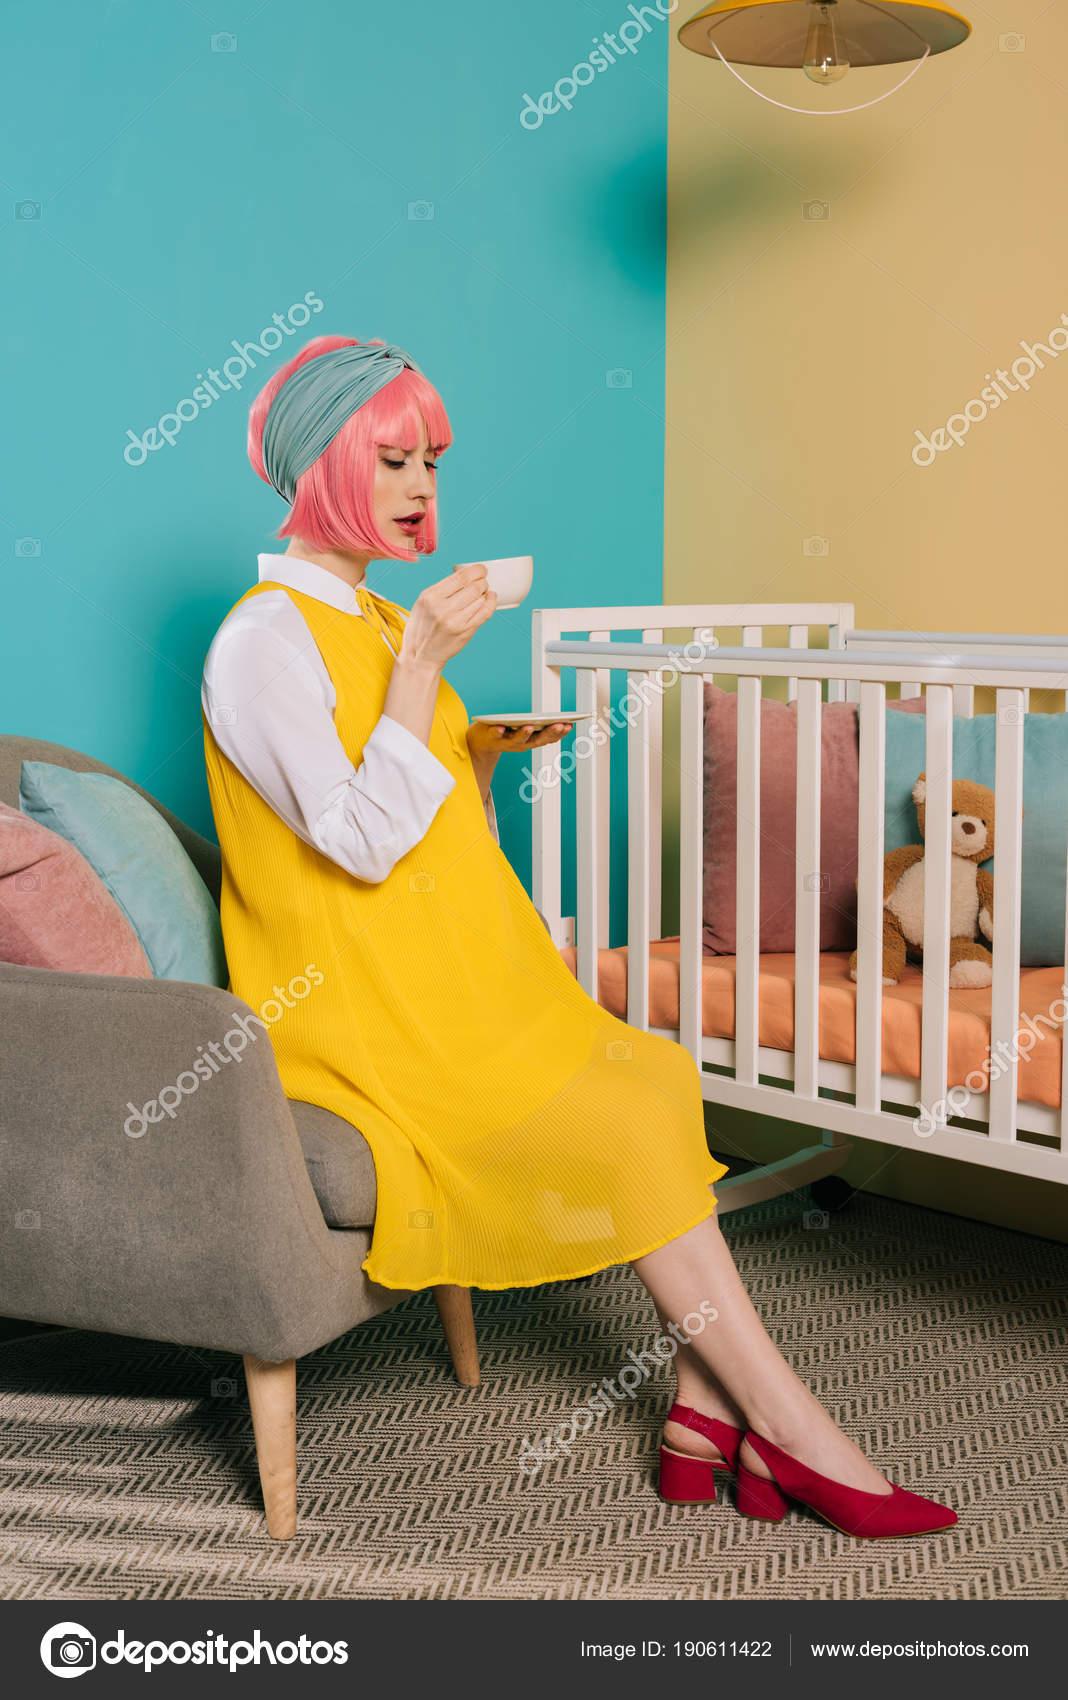 Wann Kinderzimmer Einrichten Schwangerschaft | Retro Stil Schwanger Pin Frau Mit Rosa Haaren Teetrinken Der